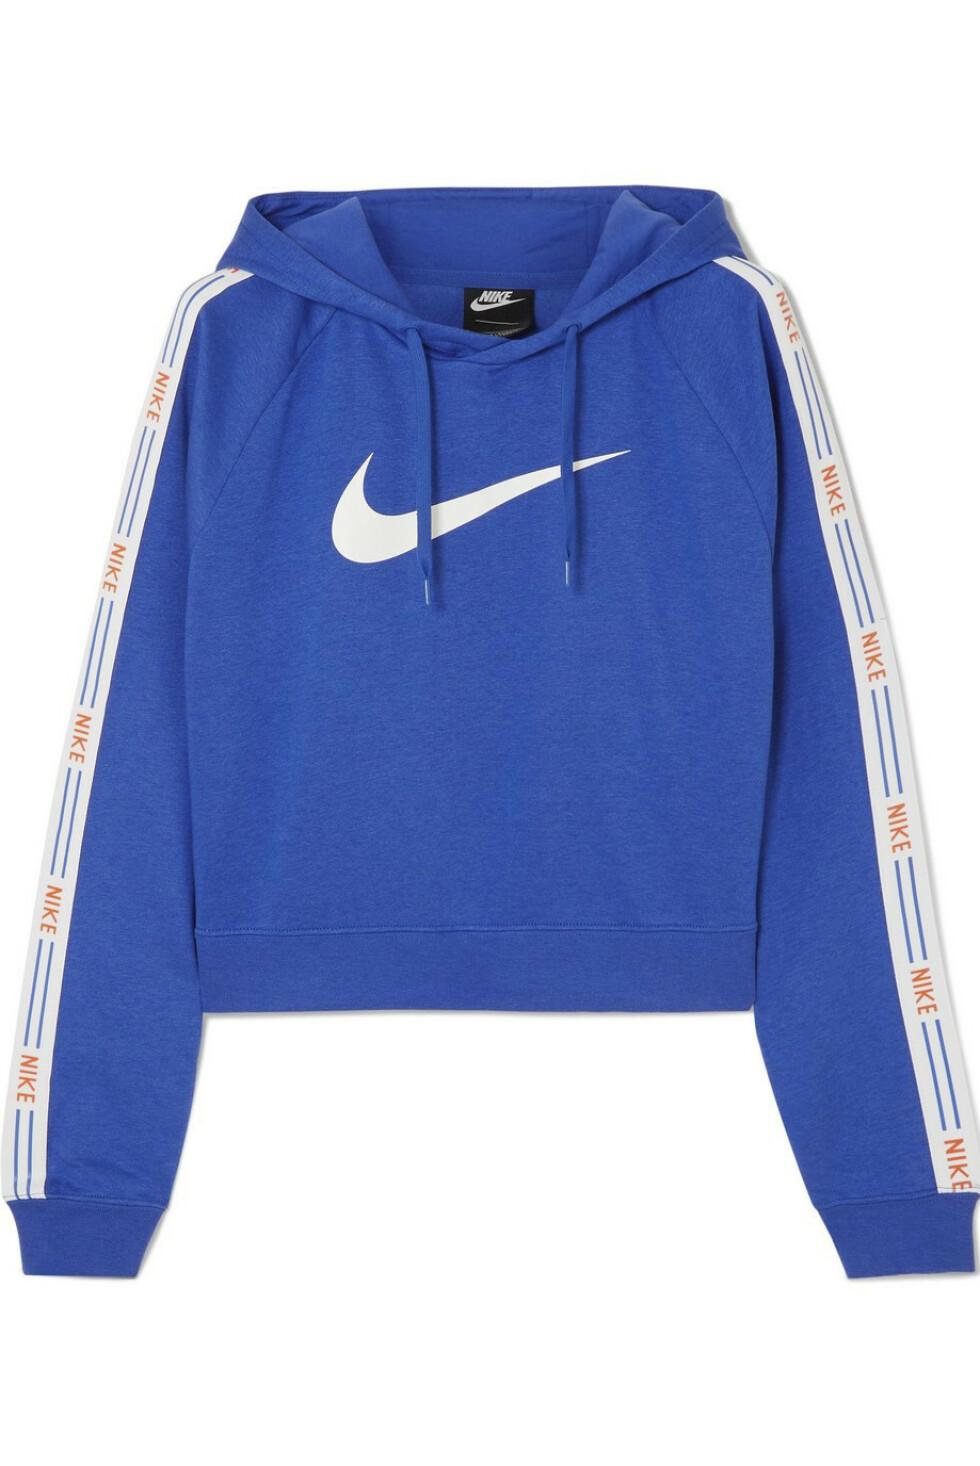 Genser med logo (kr 950, Nike).